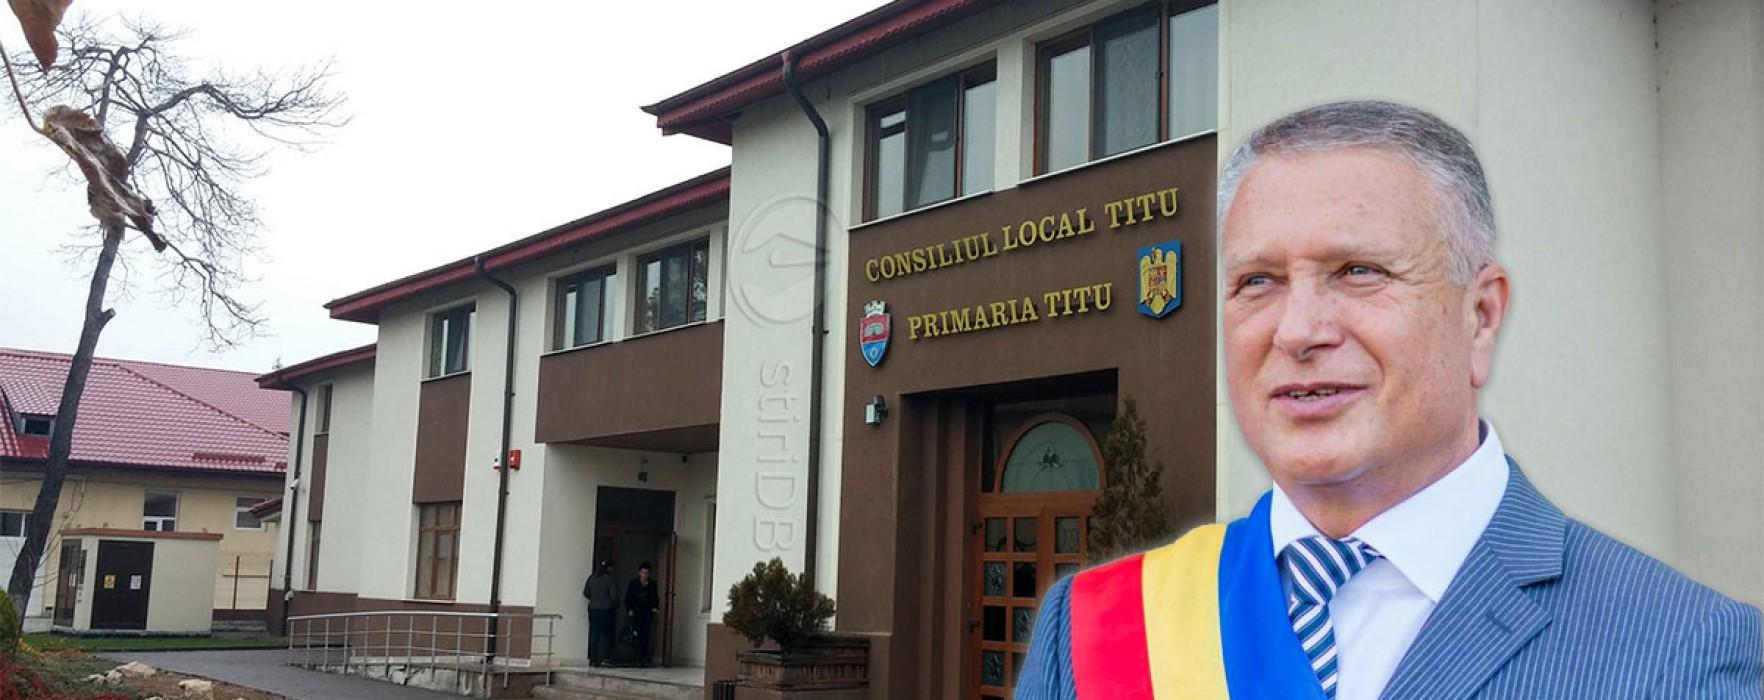 Primarul din Titu, Traian Niculae, anunţă că va candida din partea UNPR